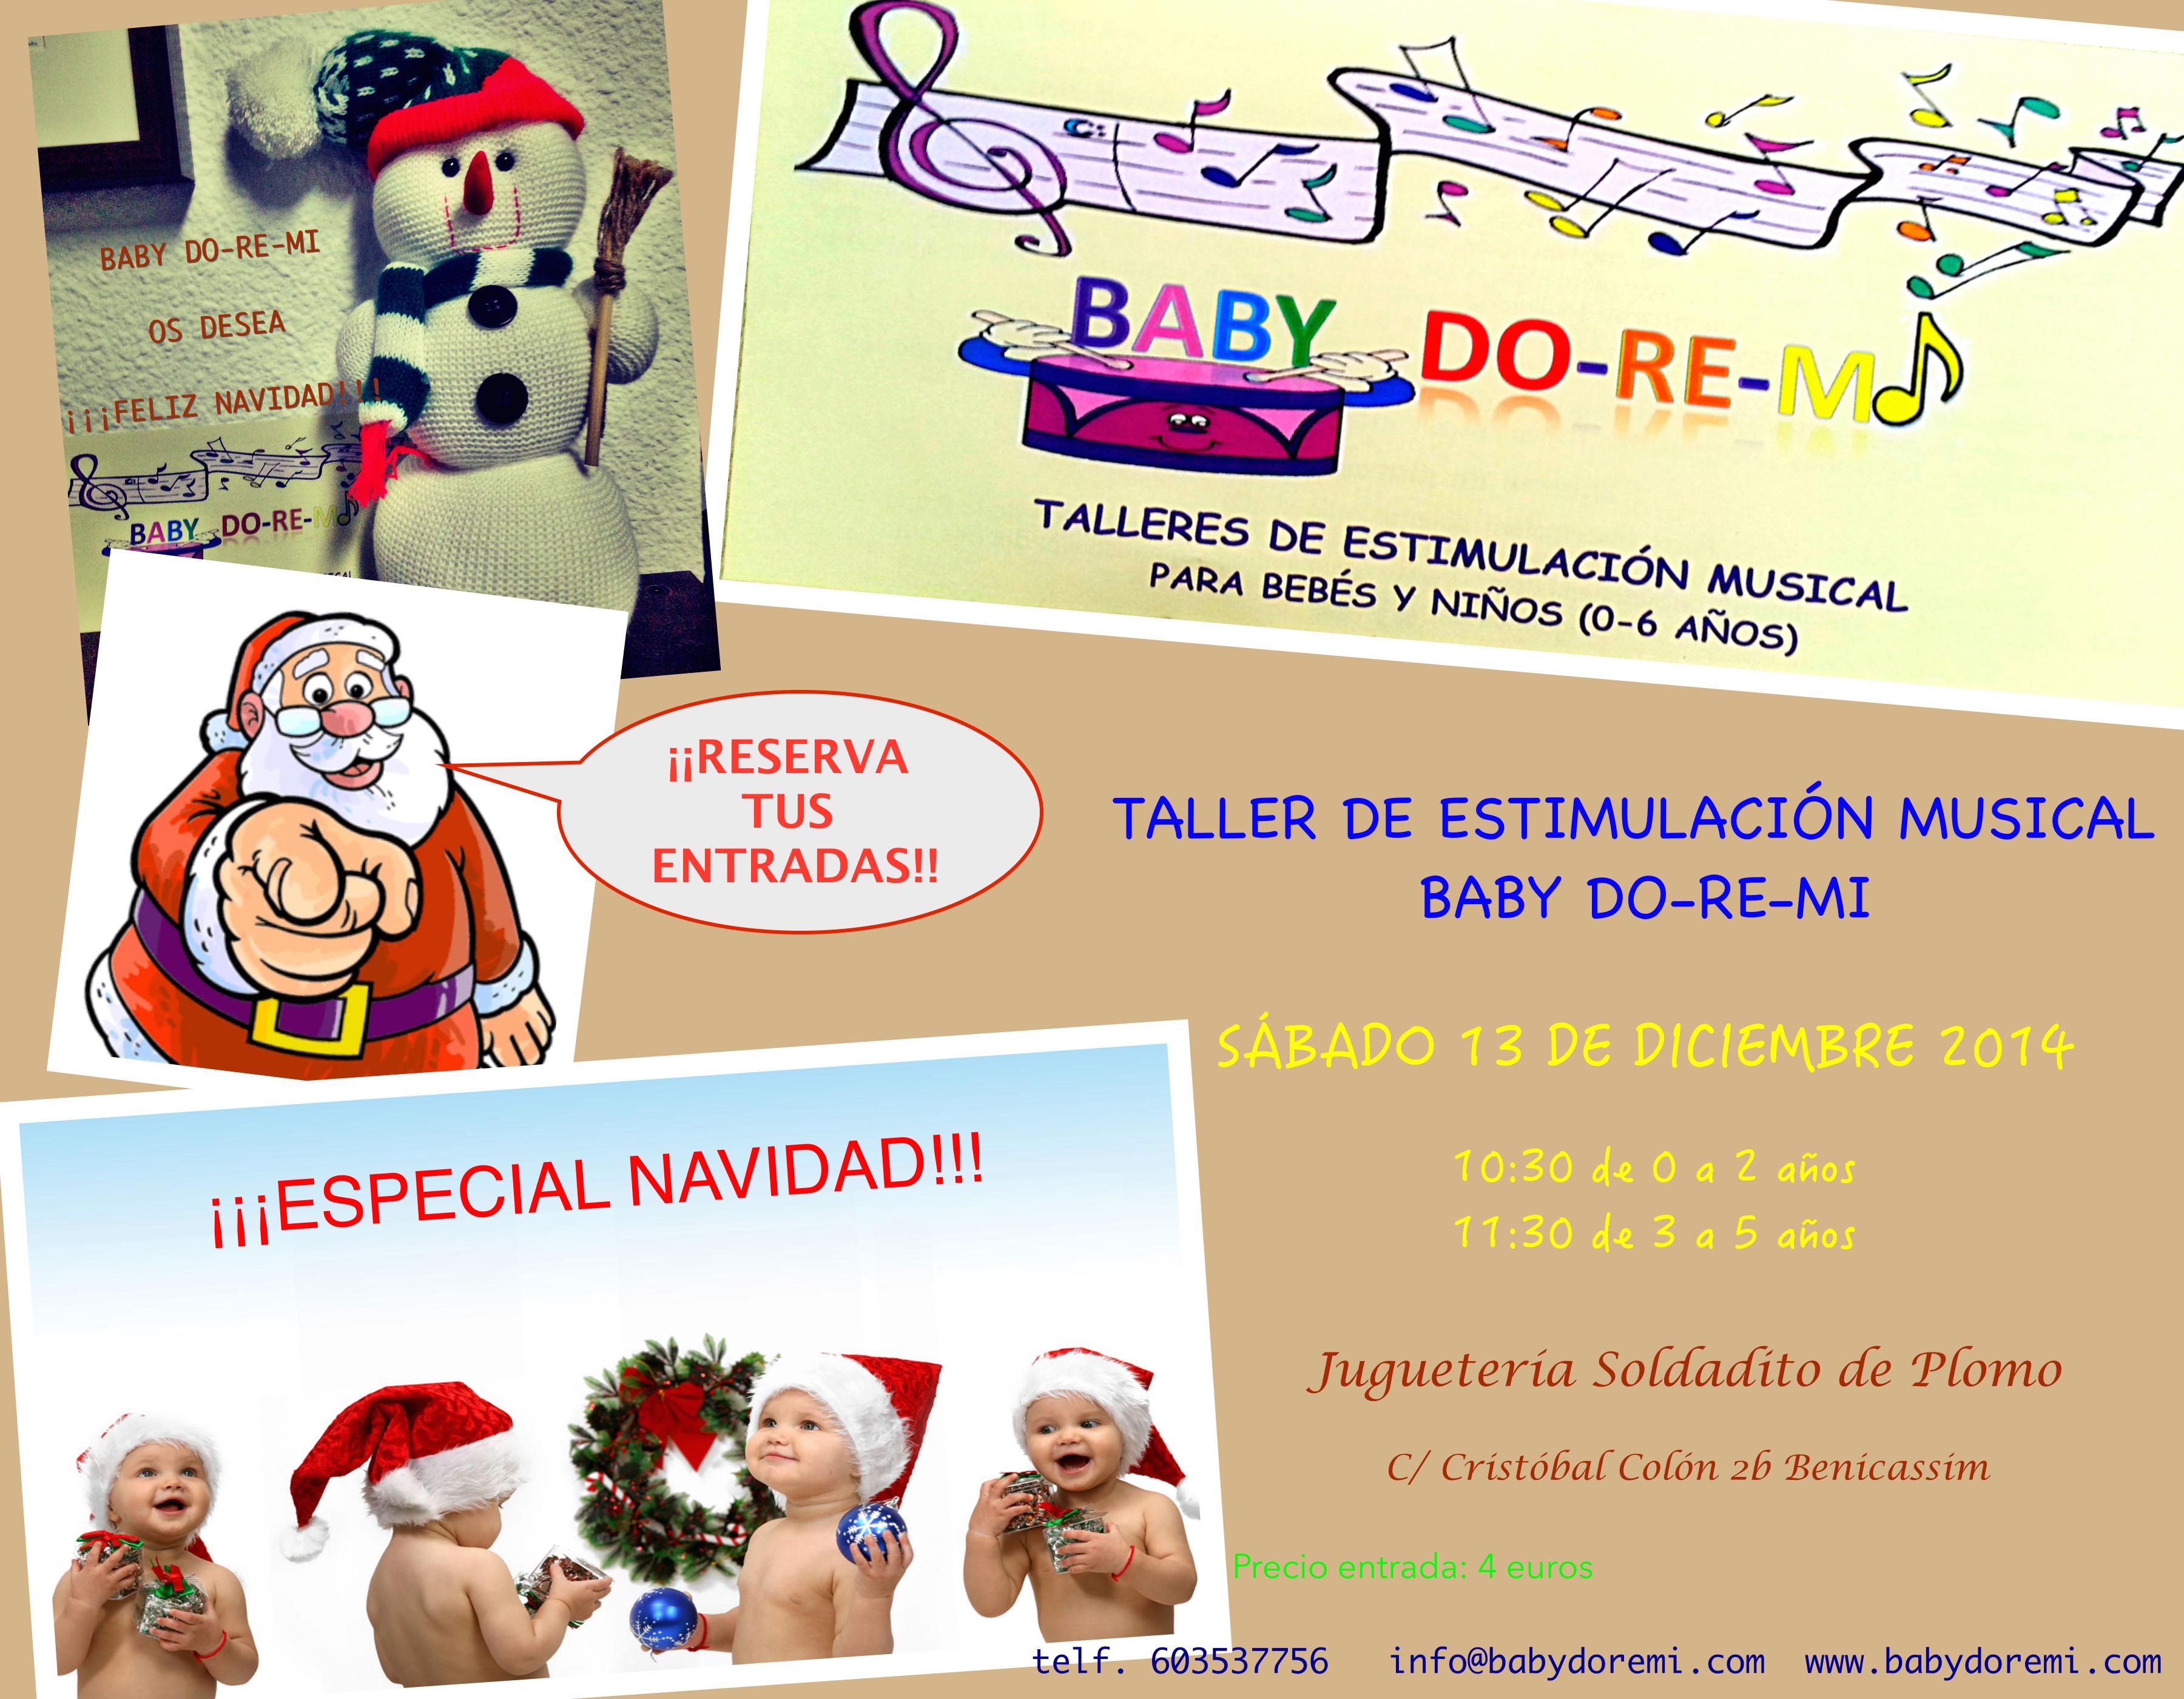 Babydoremi_soldadito_dic_collage_Fotor